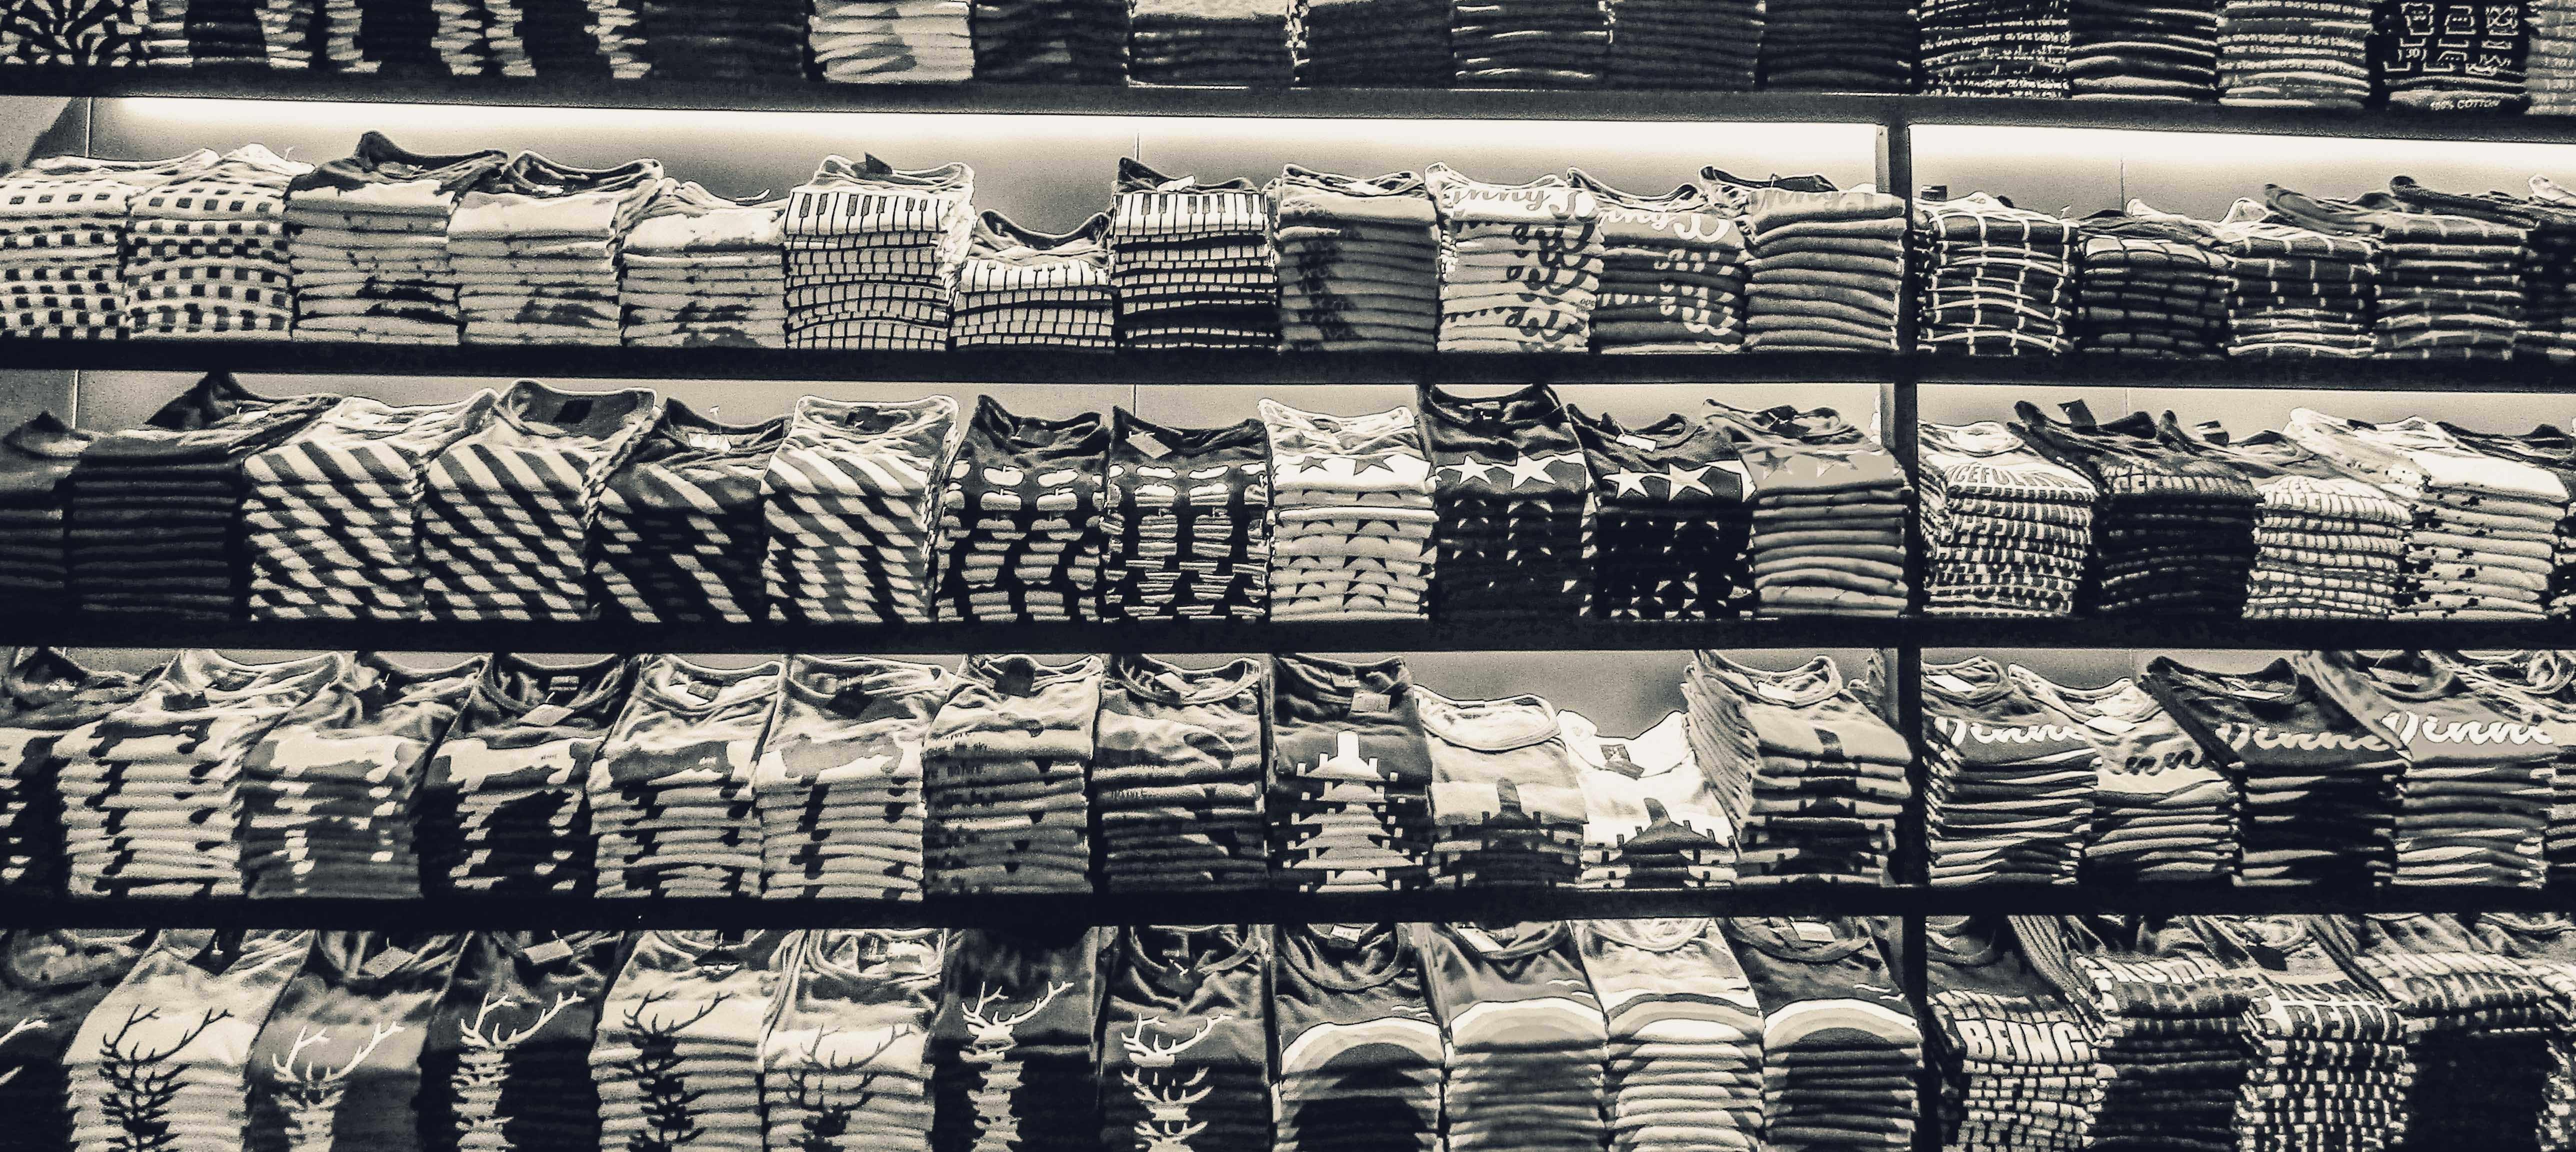 Kostenloses Stock Foto zu einfarbig, industrie, kleider, markt